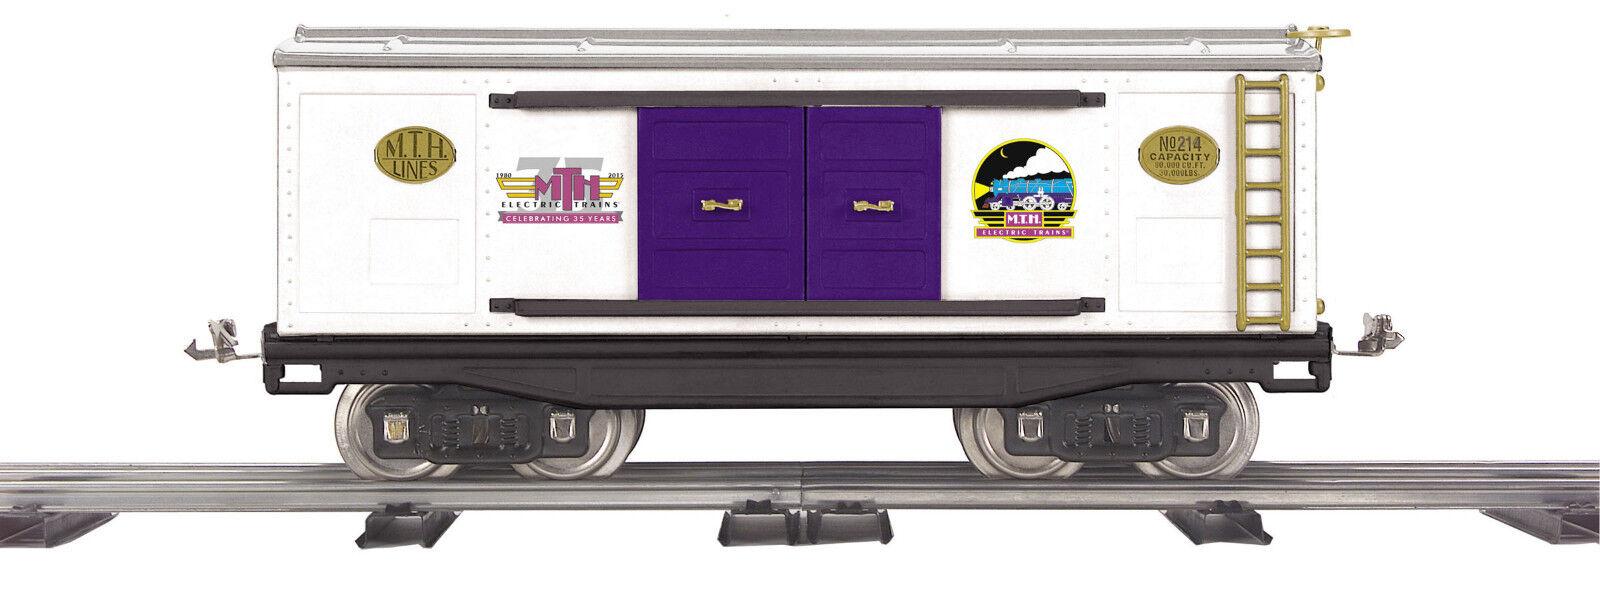 MTH 35th aniversario 214 Hojalata estándar calibre coche de caja de 10-2245